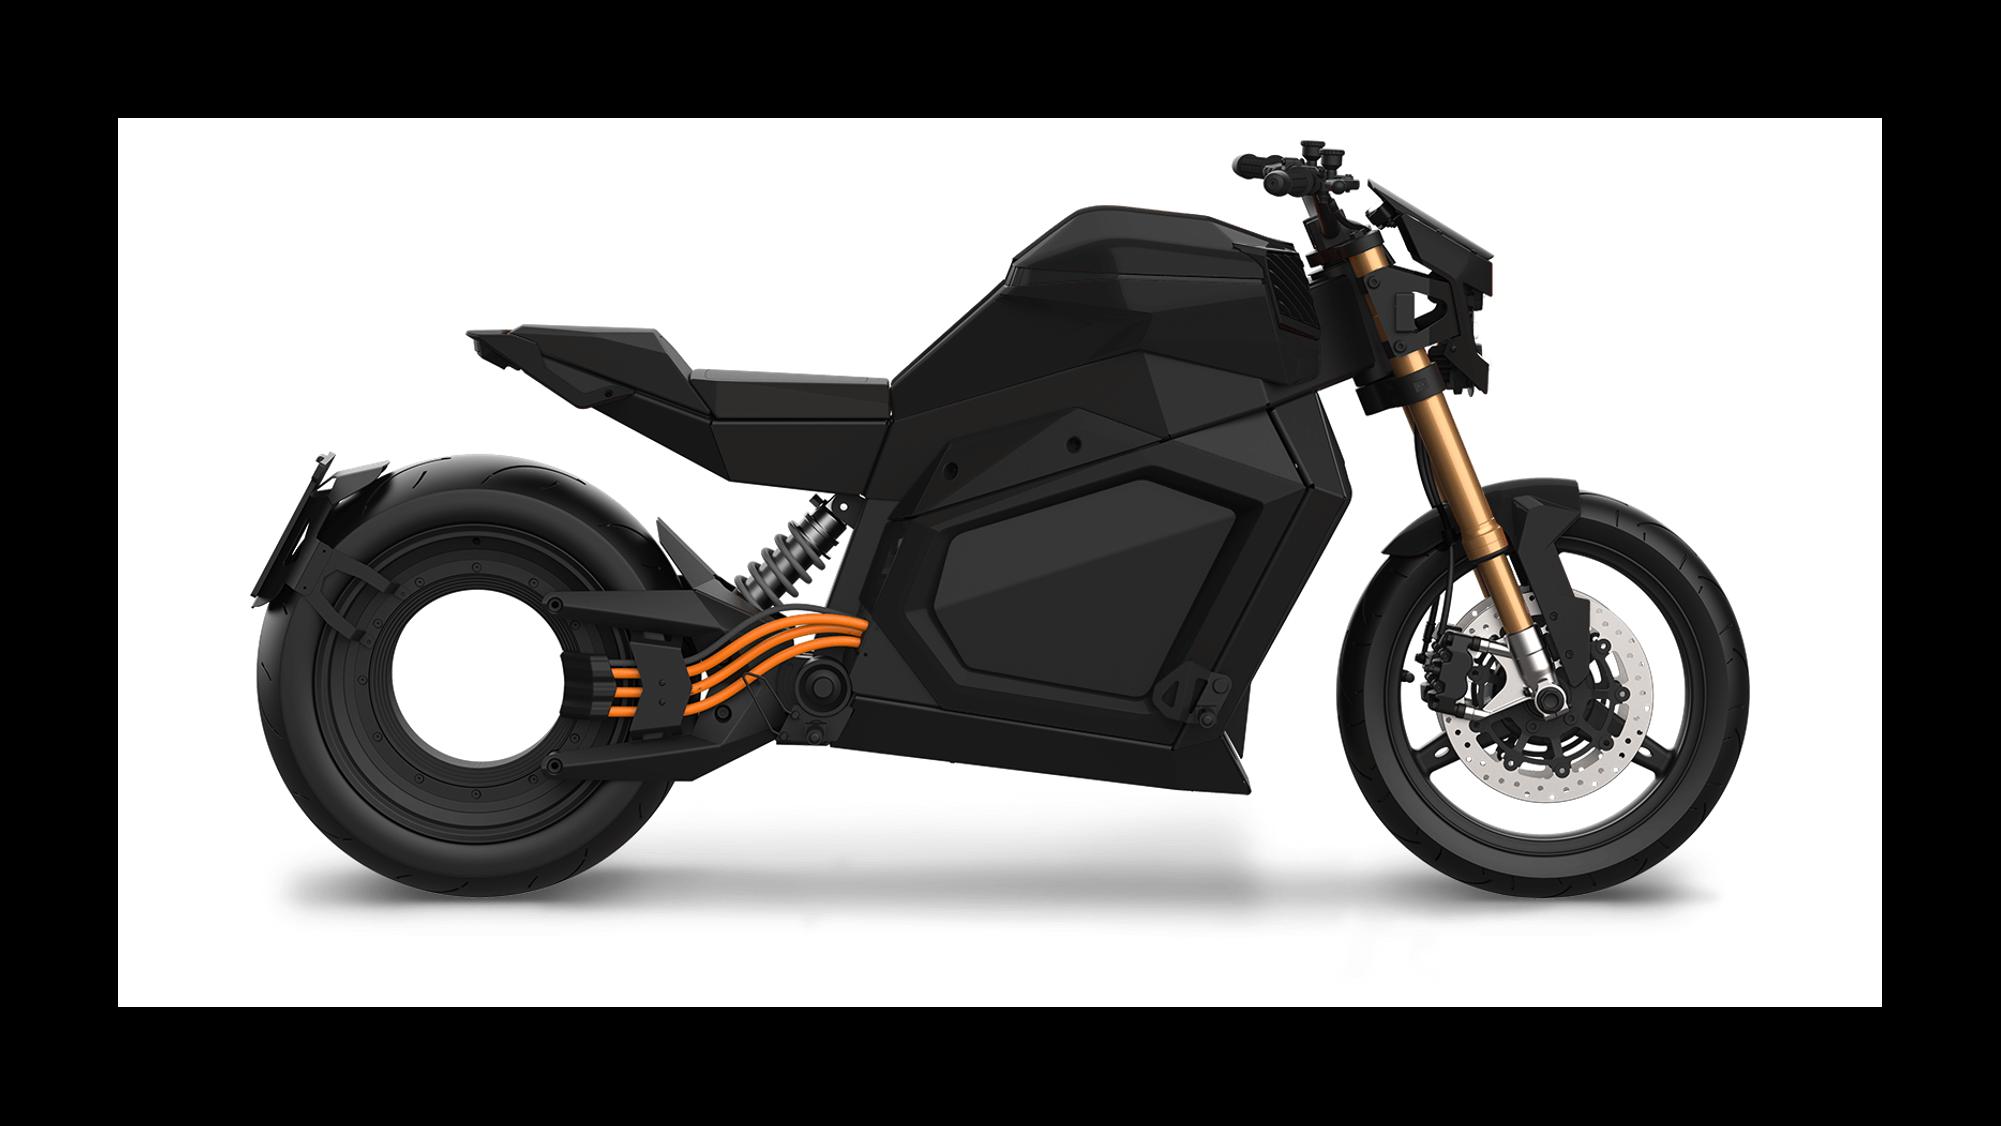 Verge TS Verge Motorcycles moto électrique puissante